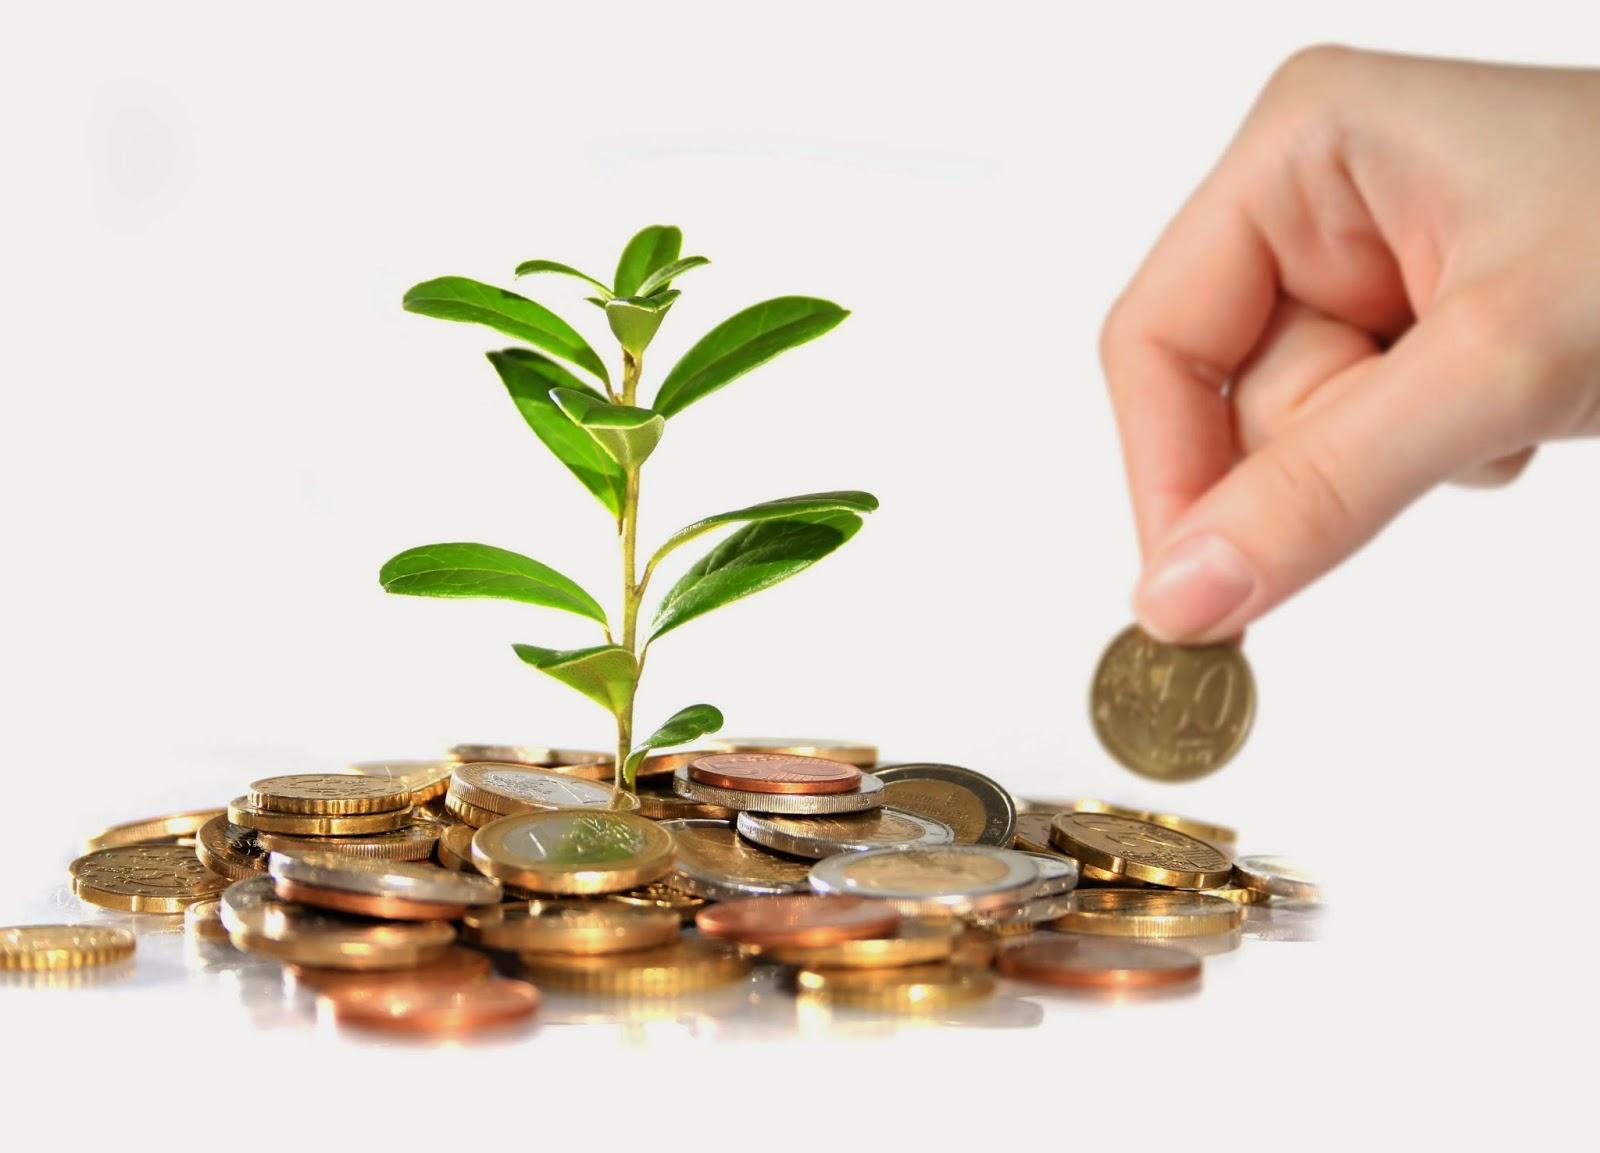 Giấy chứng nhận đăng kí đầu tư đối với dự án đầu tư